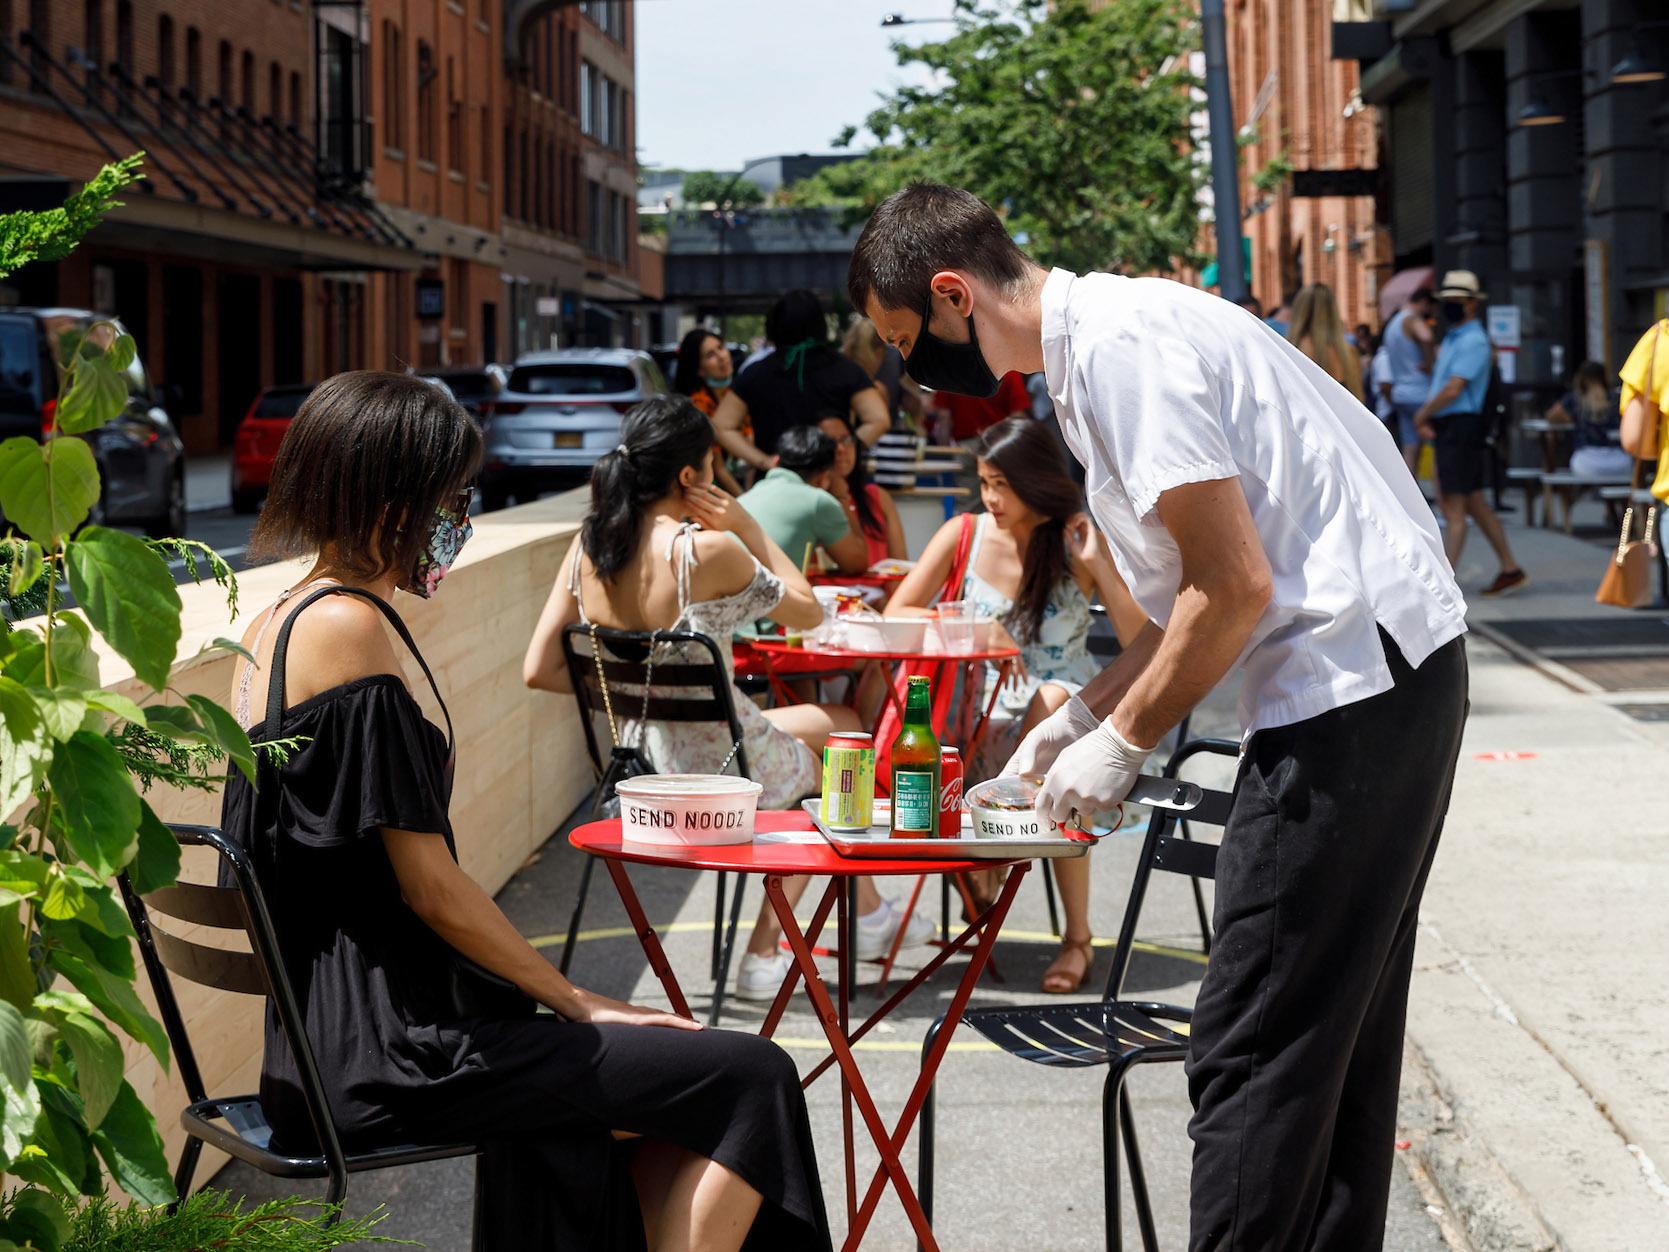 ニューヨーク、飲食店代金に最大10%のコロナ対策費追加へ